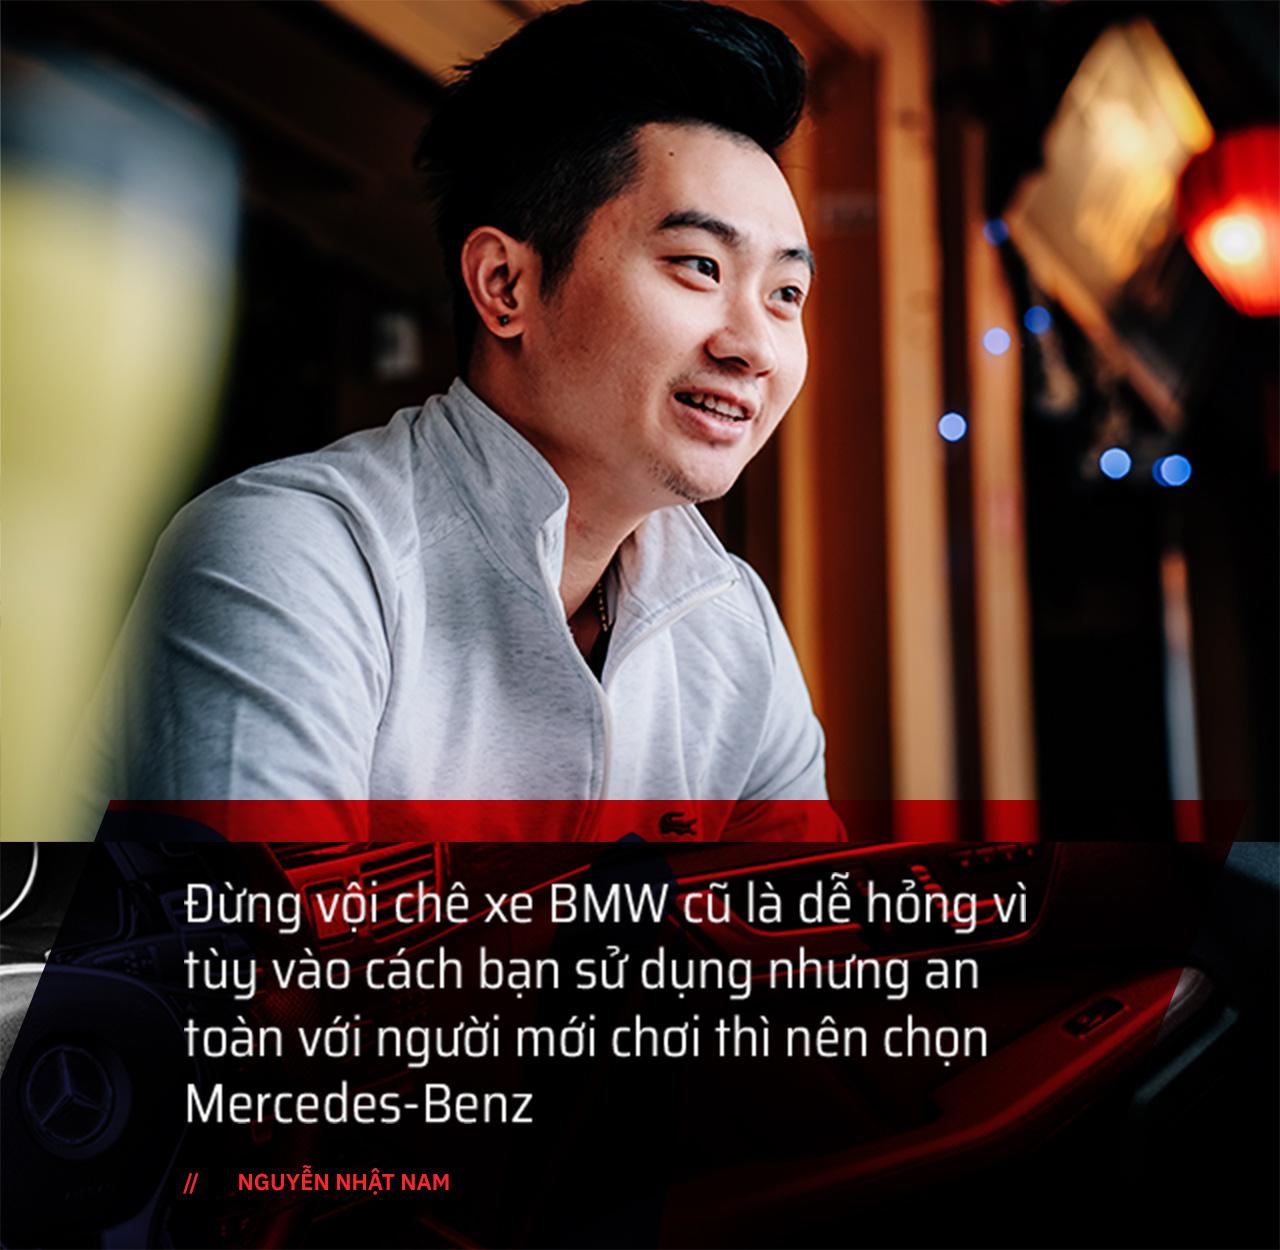 Bán Mazda6 vừa mua để tậu Mercedes cũ, người dùng chia sẻ: 'Chơi xe Đức cũ cần tiền dự phòng và đừng mong mua được xe zin' - Ảnh 7.